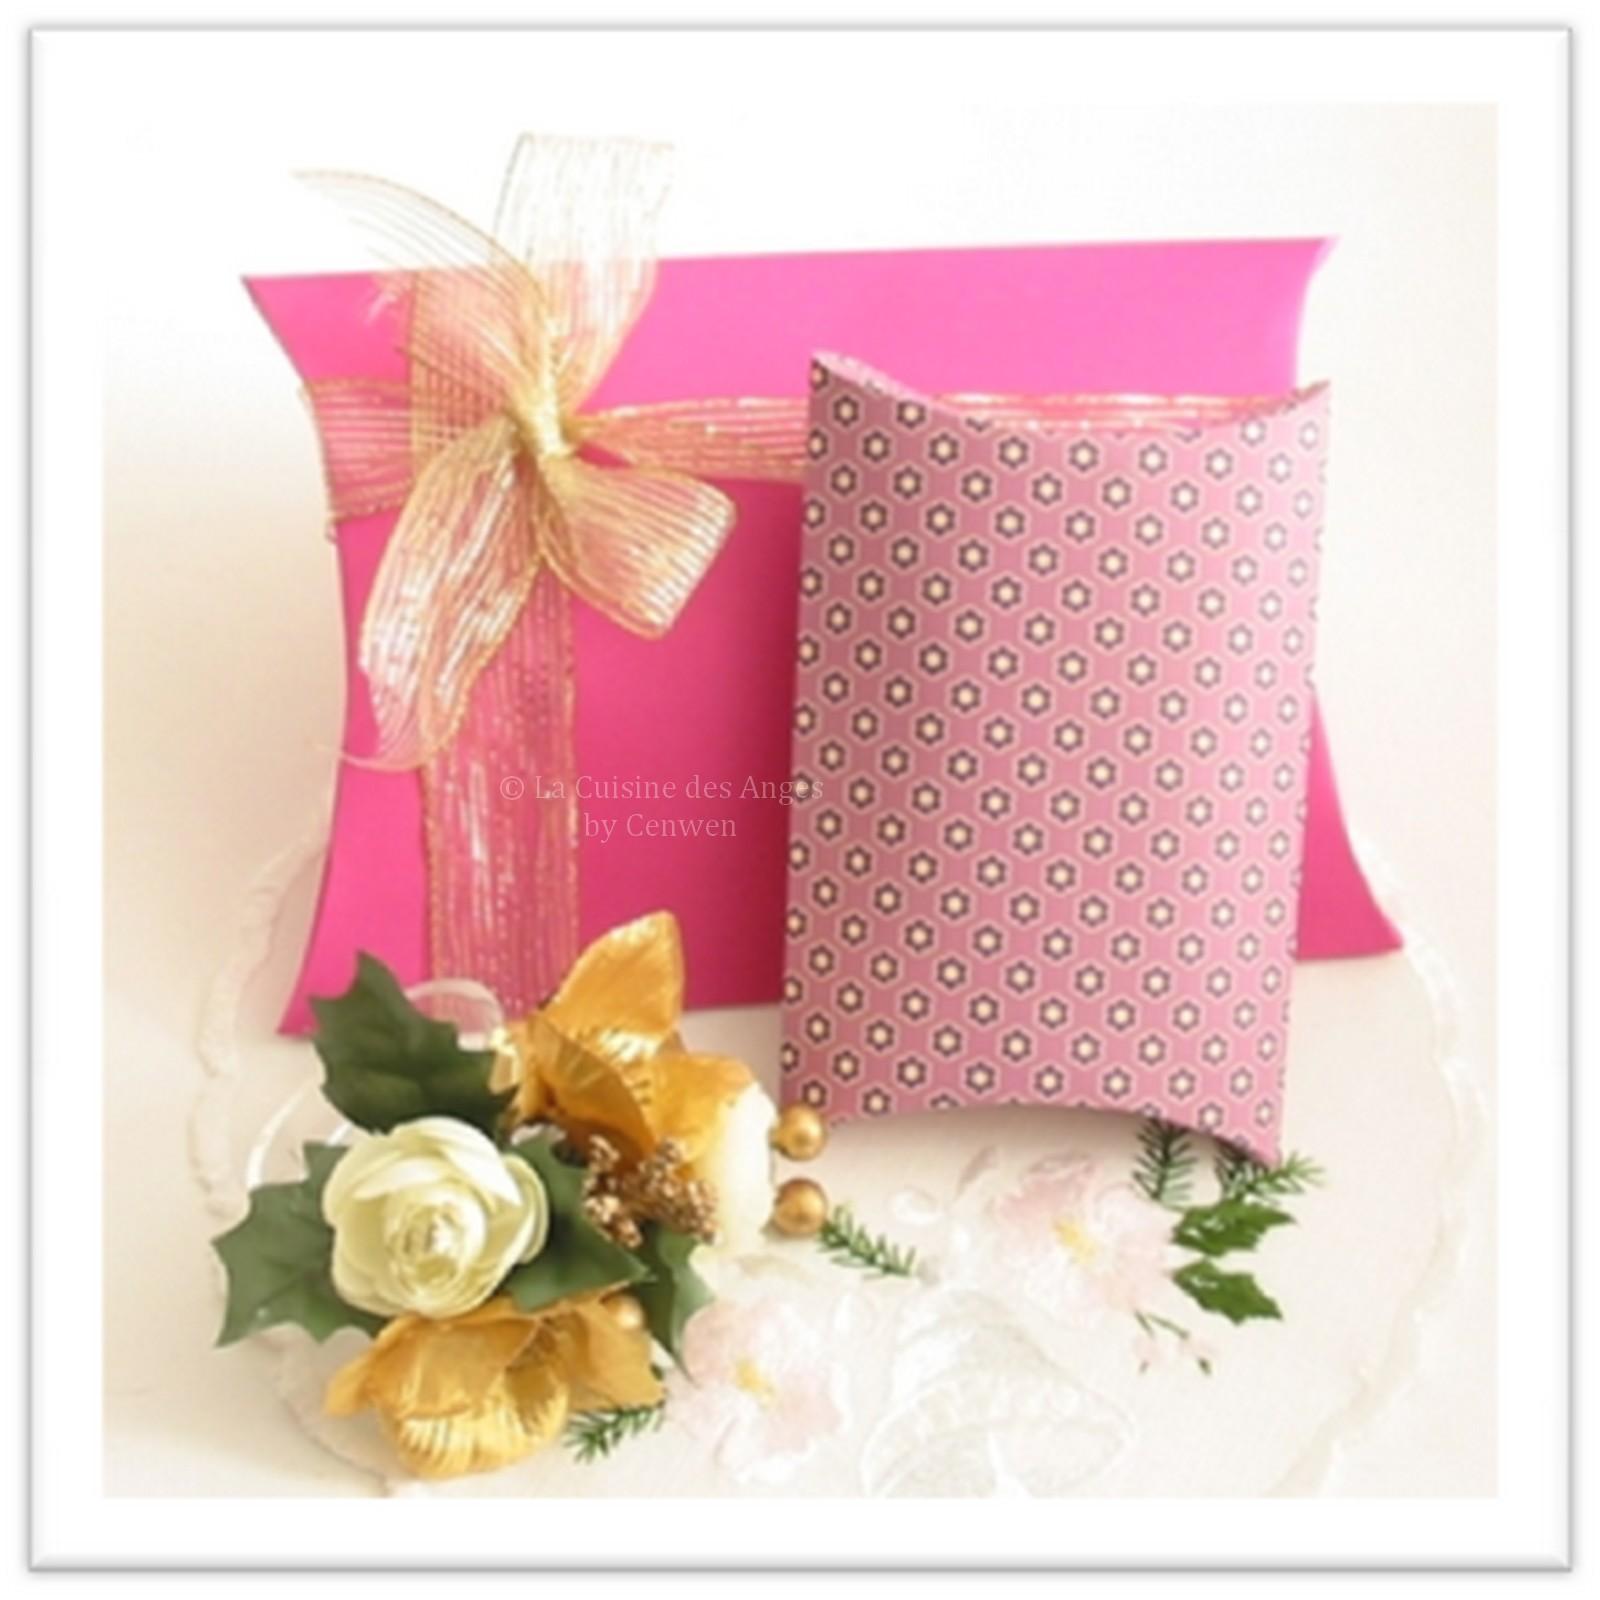 diy faire de jolies petites pochettes emballage cadeaux la cuisine des anges. Black Bedroom Furniture Sets. Home Design Ideas